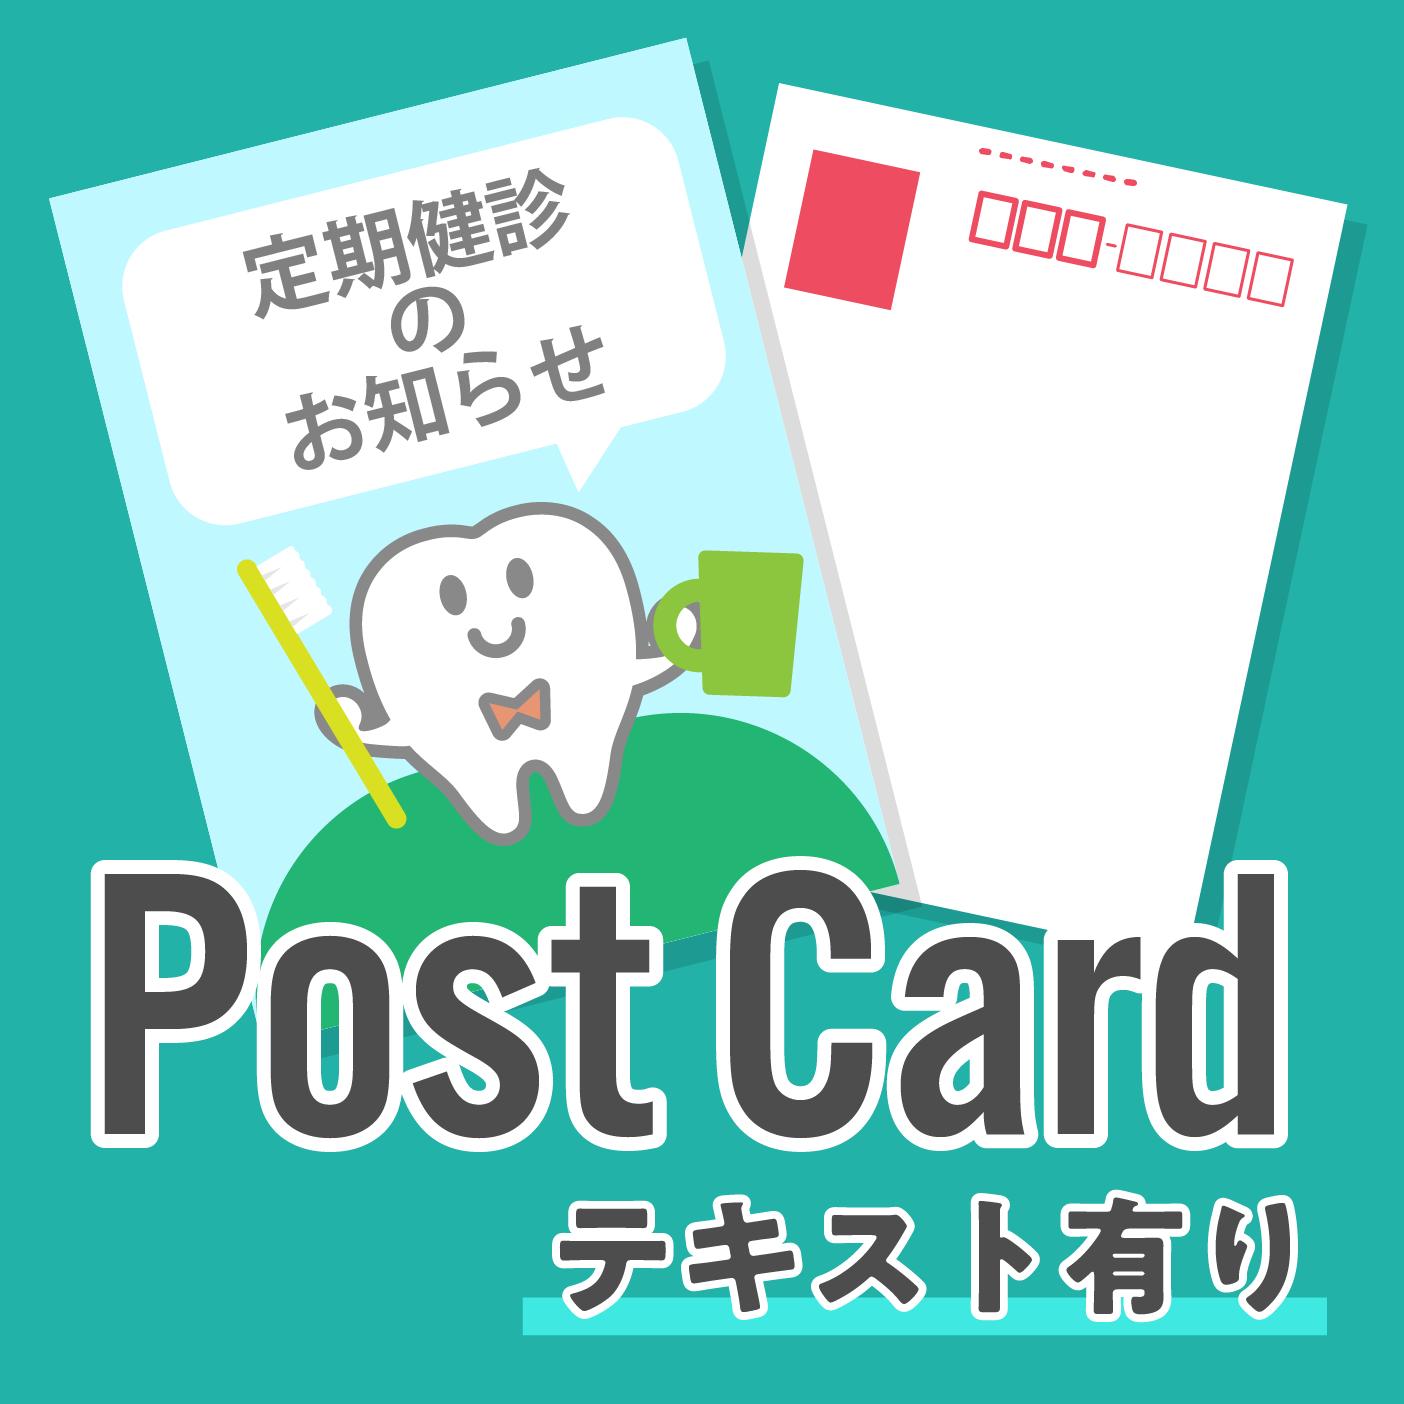 ハガキ(テキスト有り)